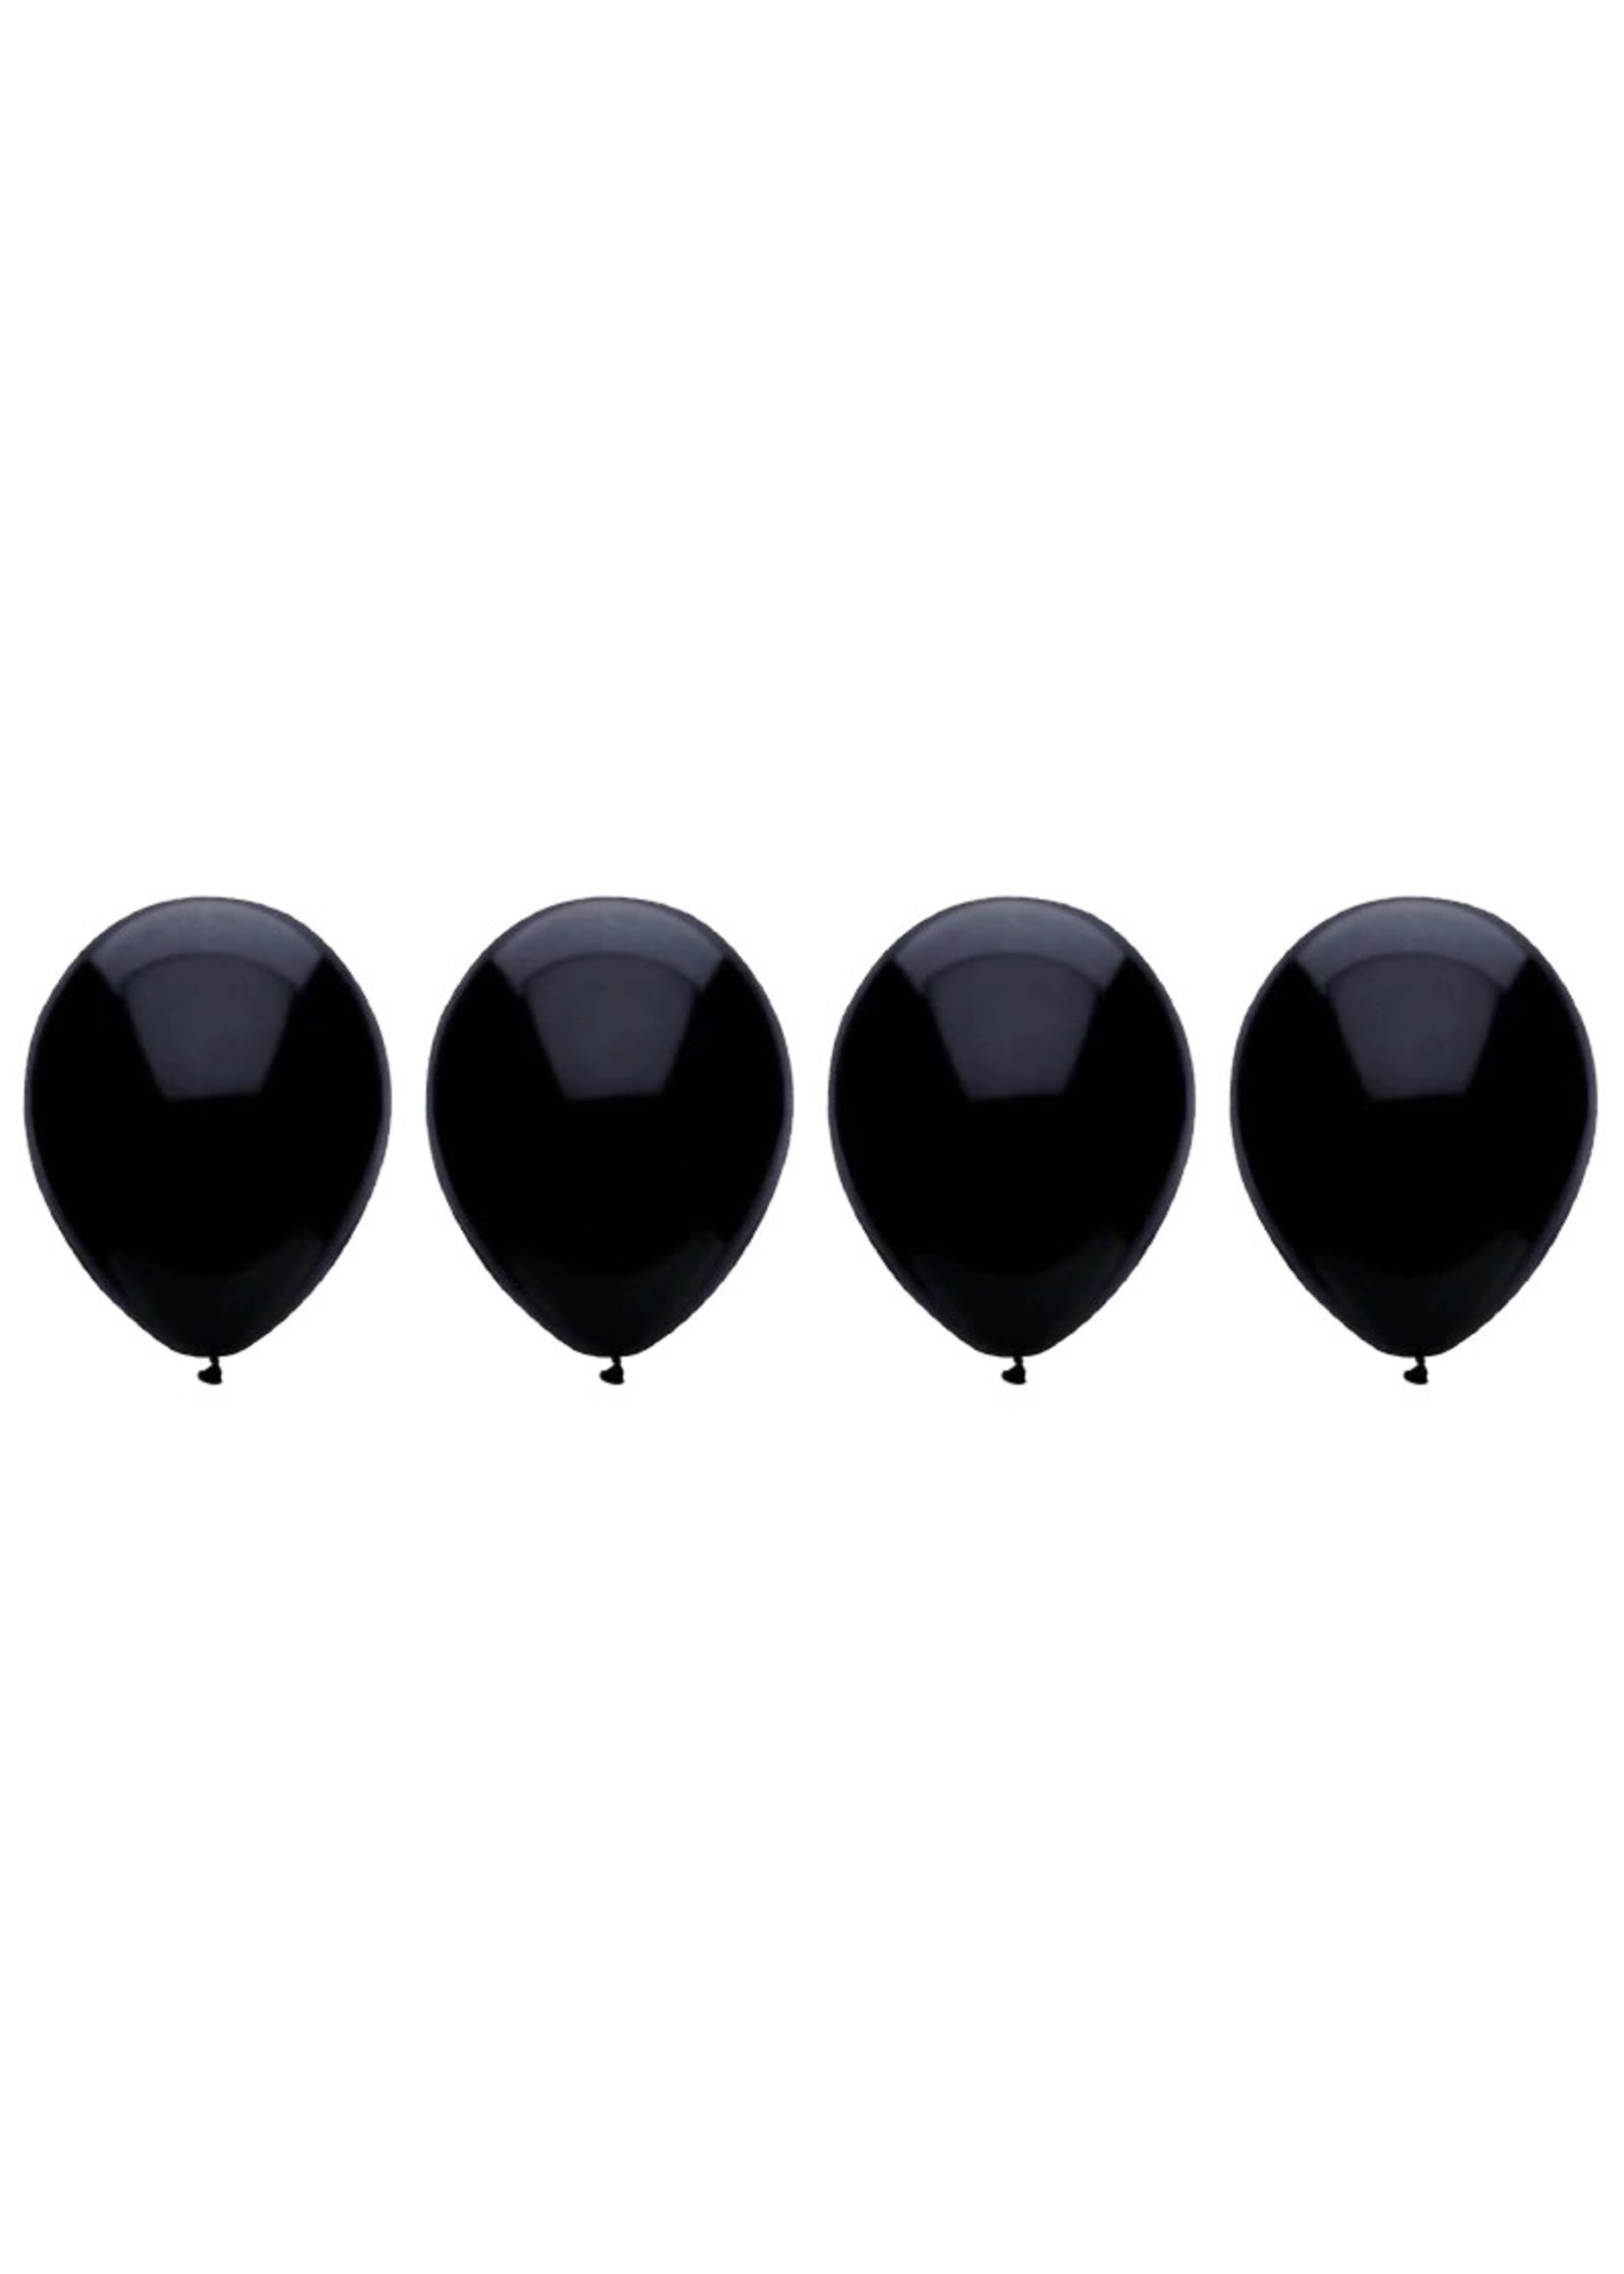 Annienas gekleurde ballon